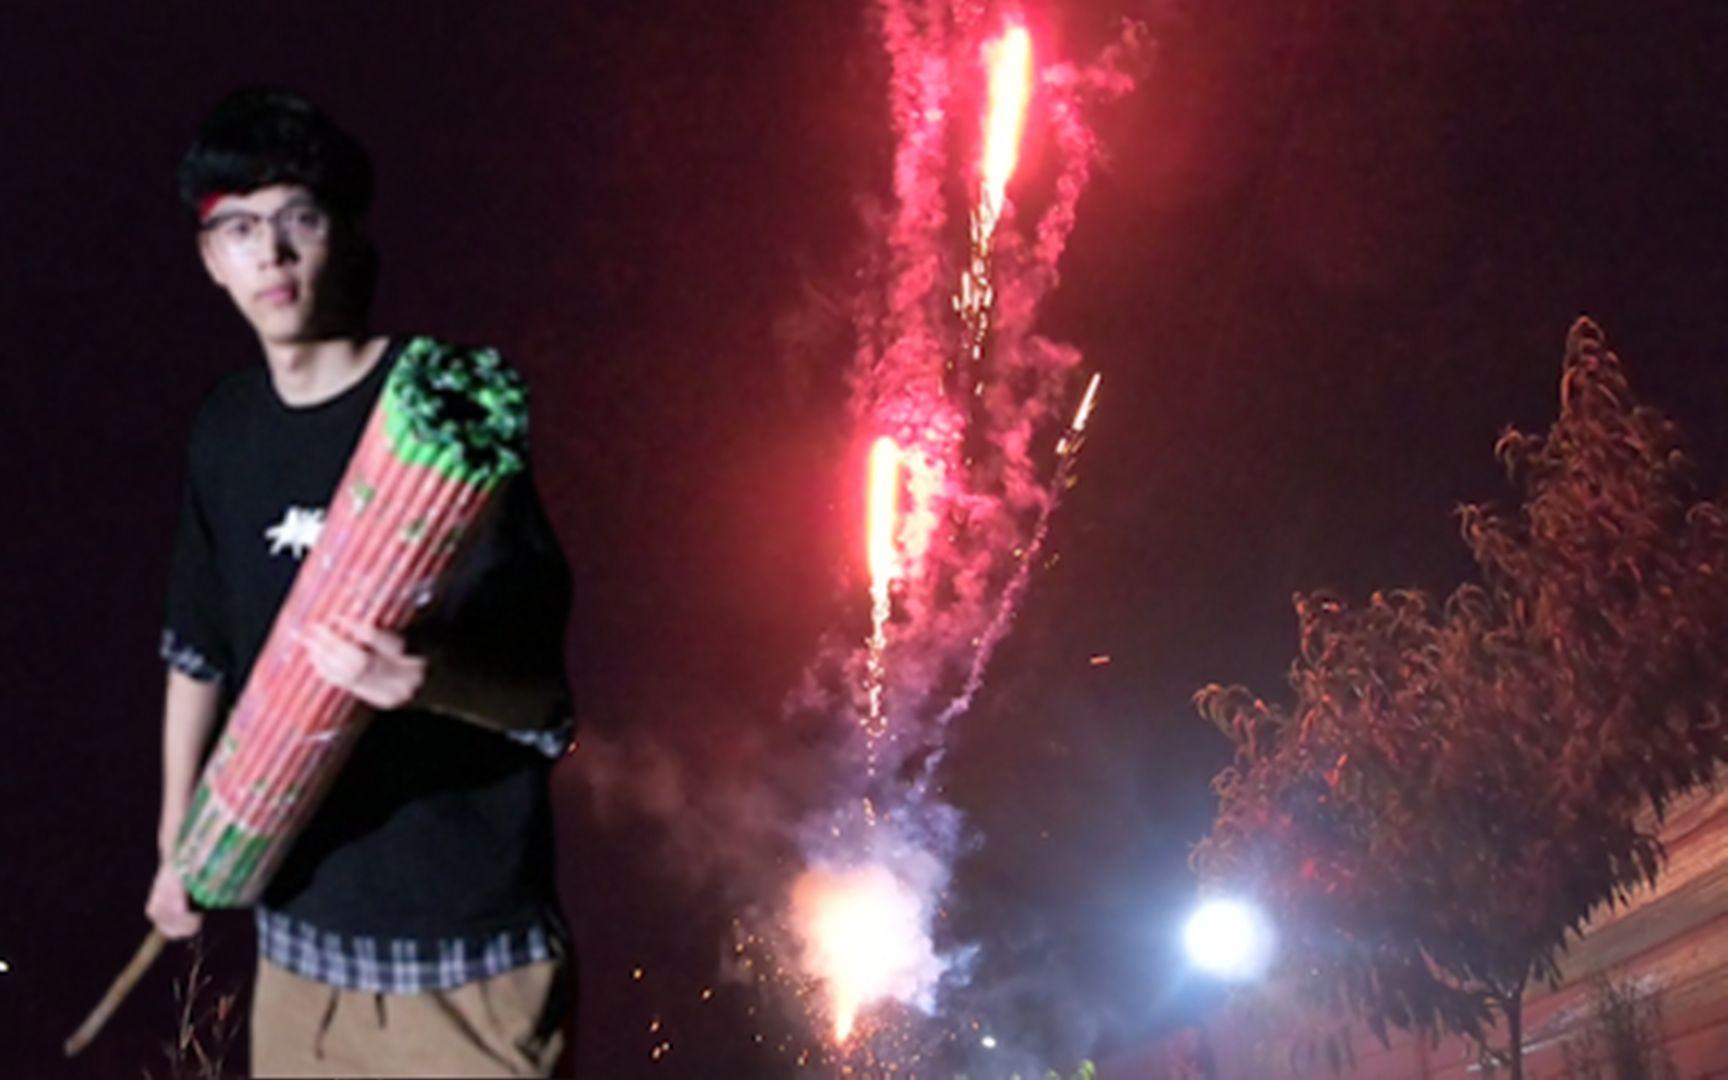 为了庆祝一百万粉丝,小伙自制了10000发烟花加特林场面十分壮观!_哔哩哔哩 (゜-゜)つロ 干杯~-bilibili